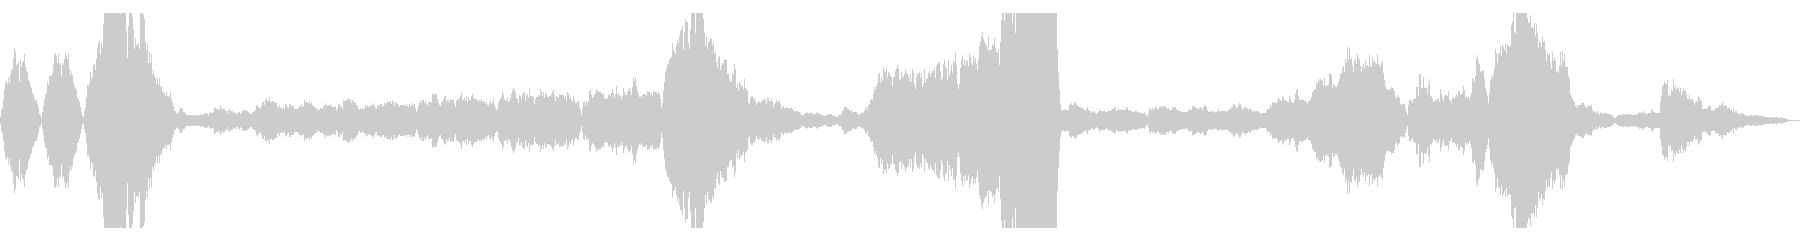 交響曲新世界より 第2楽章冒頭の未再生の波形